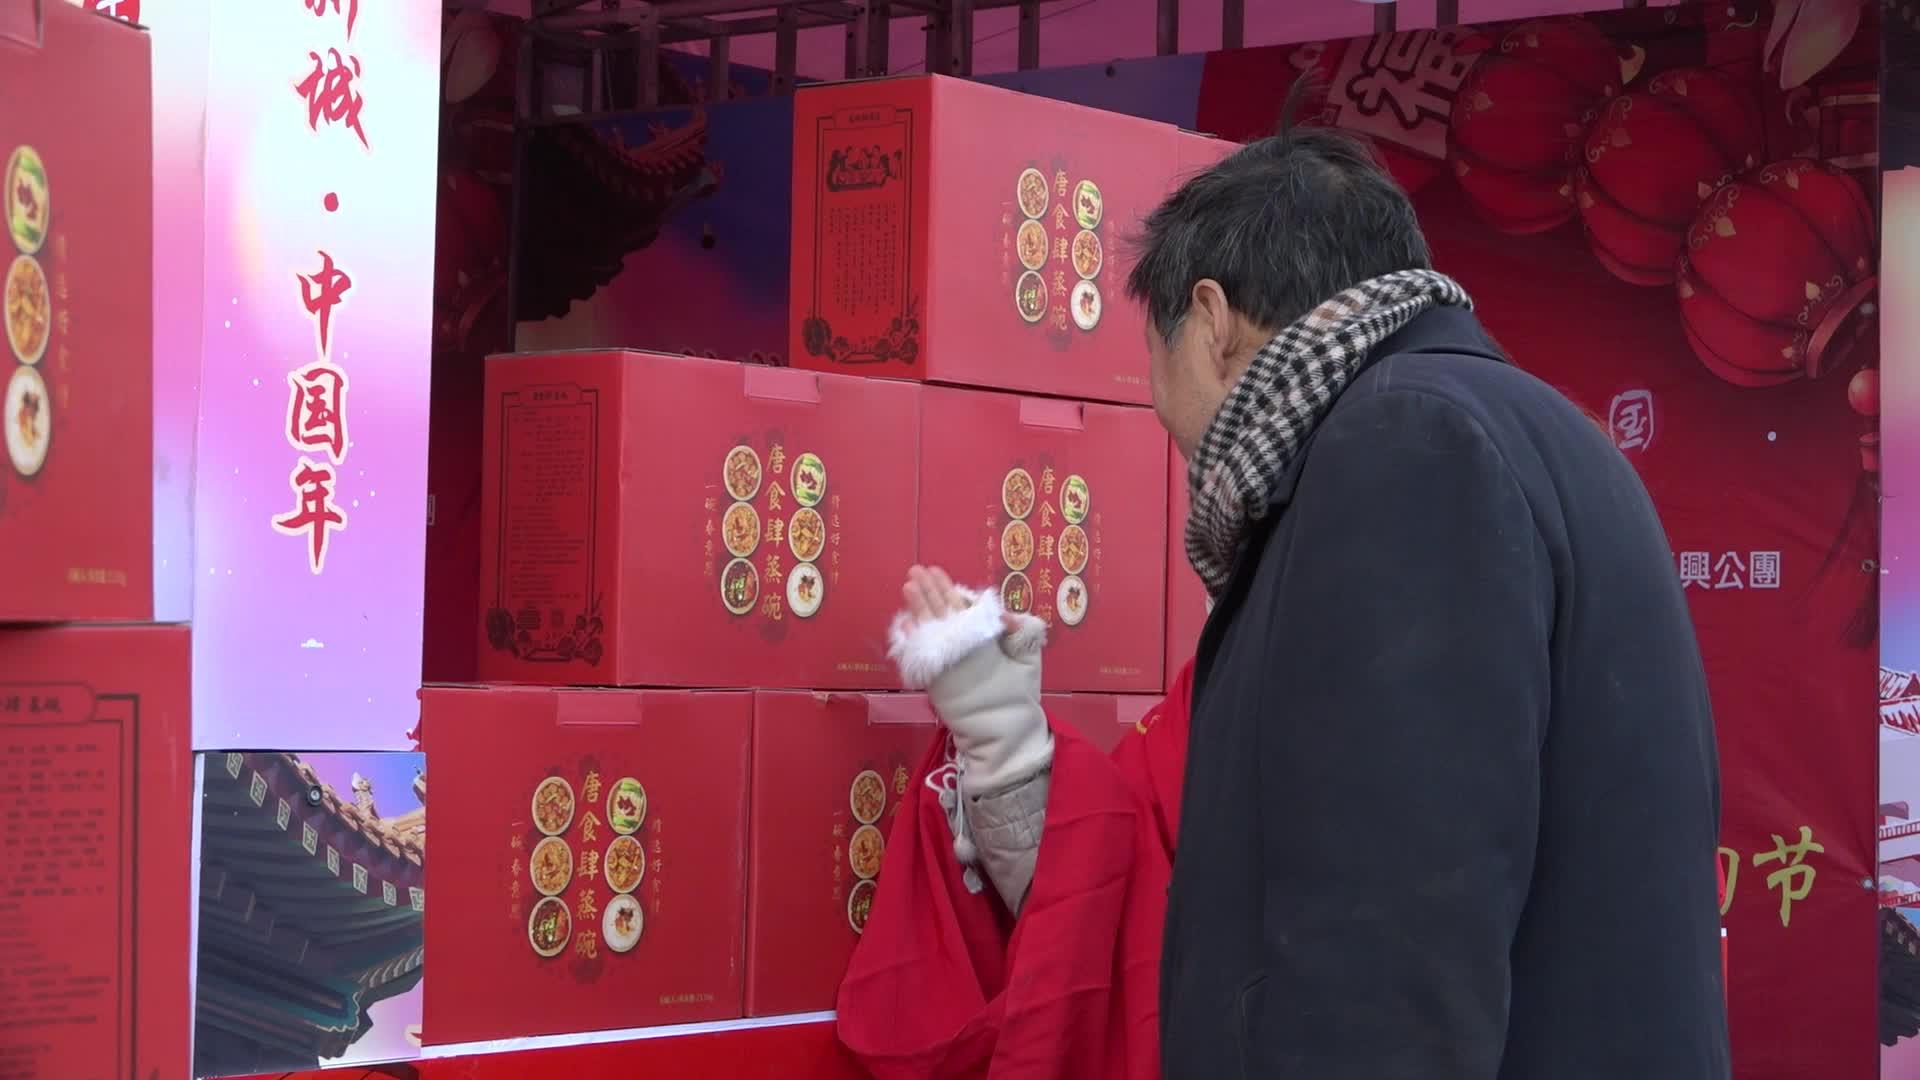 明智汇年货节东方亿象城开幕